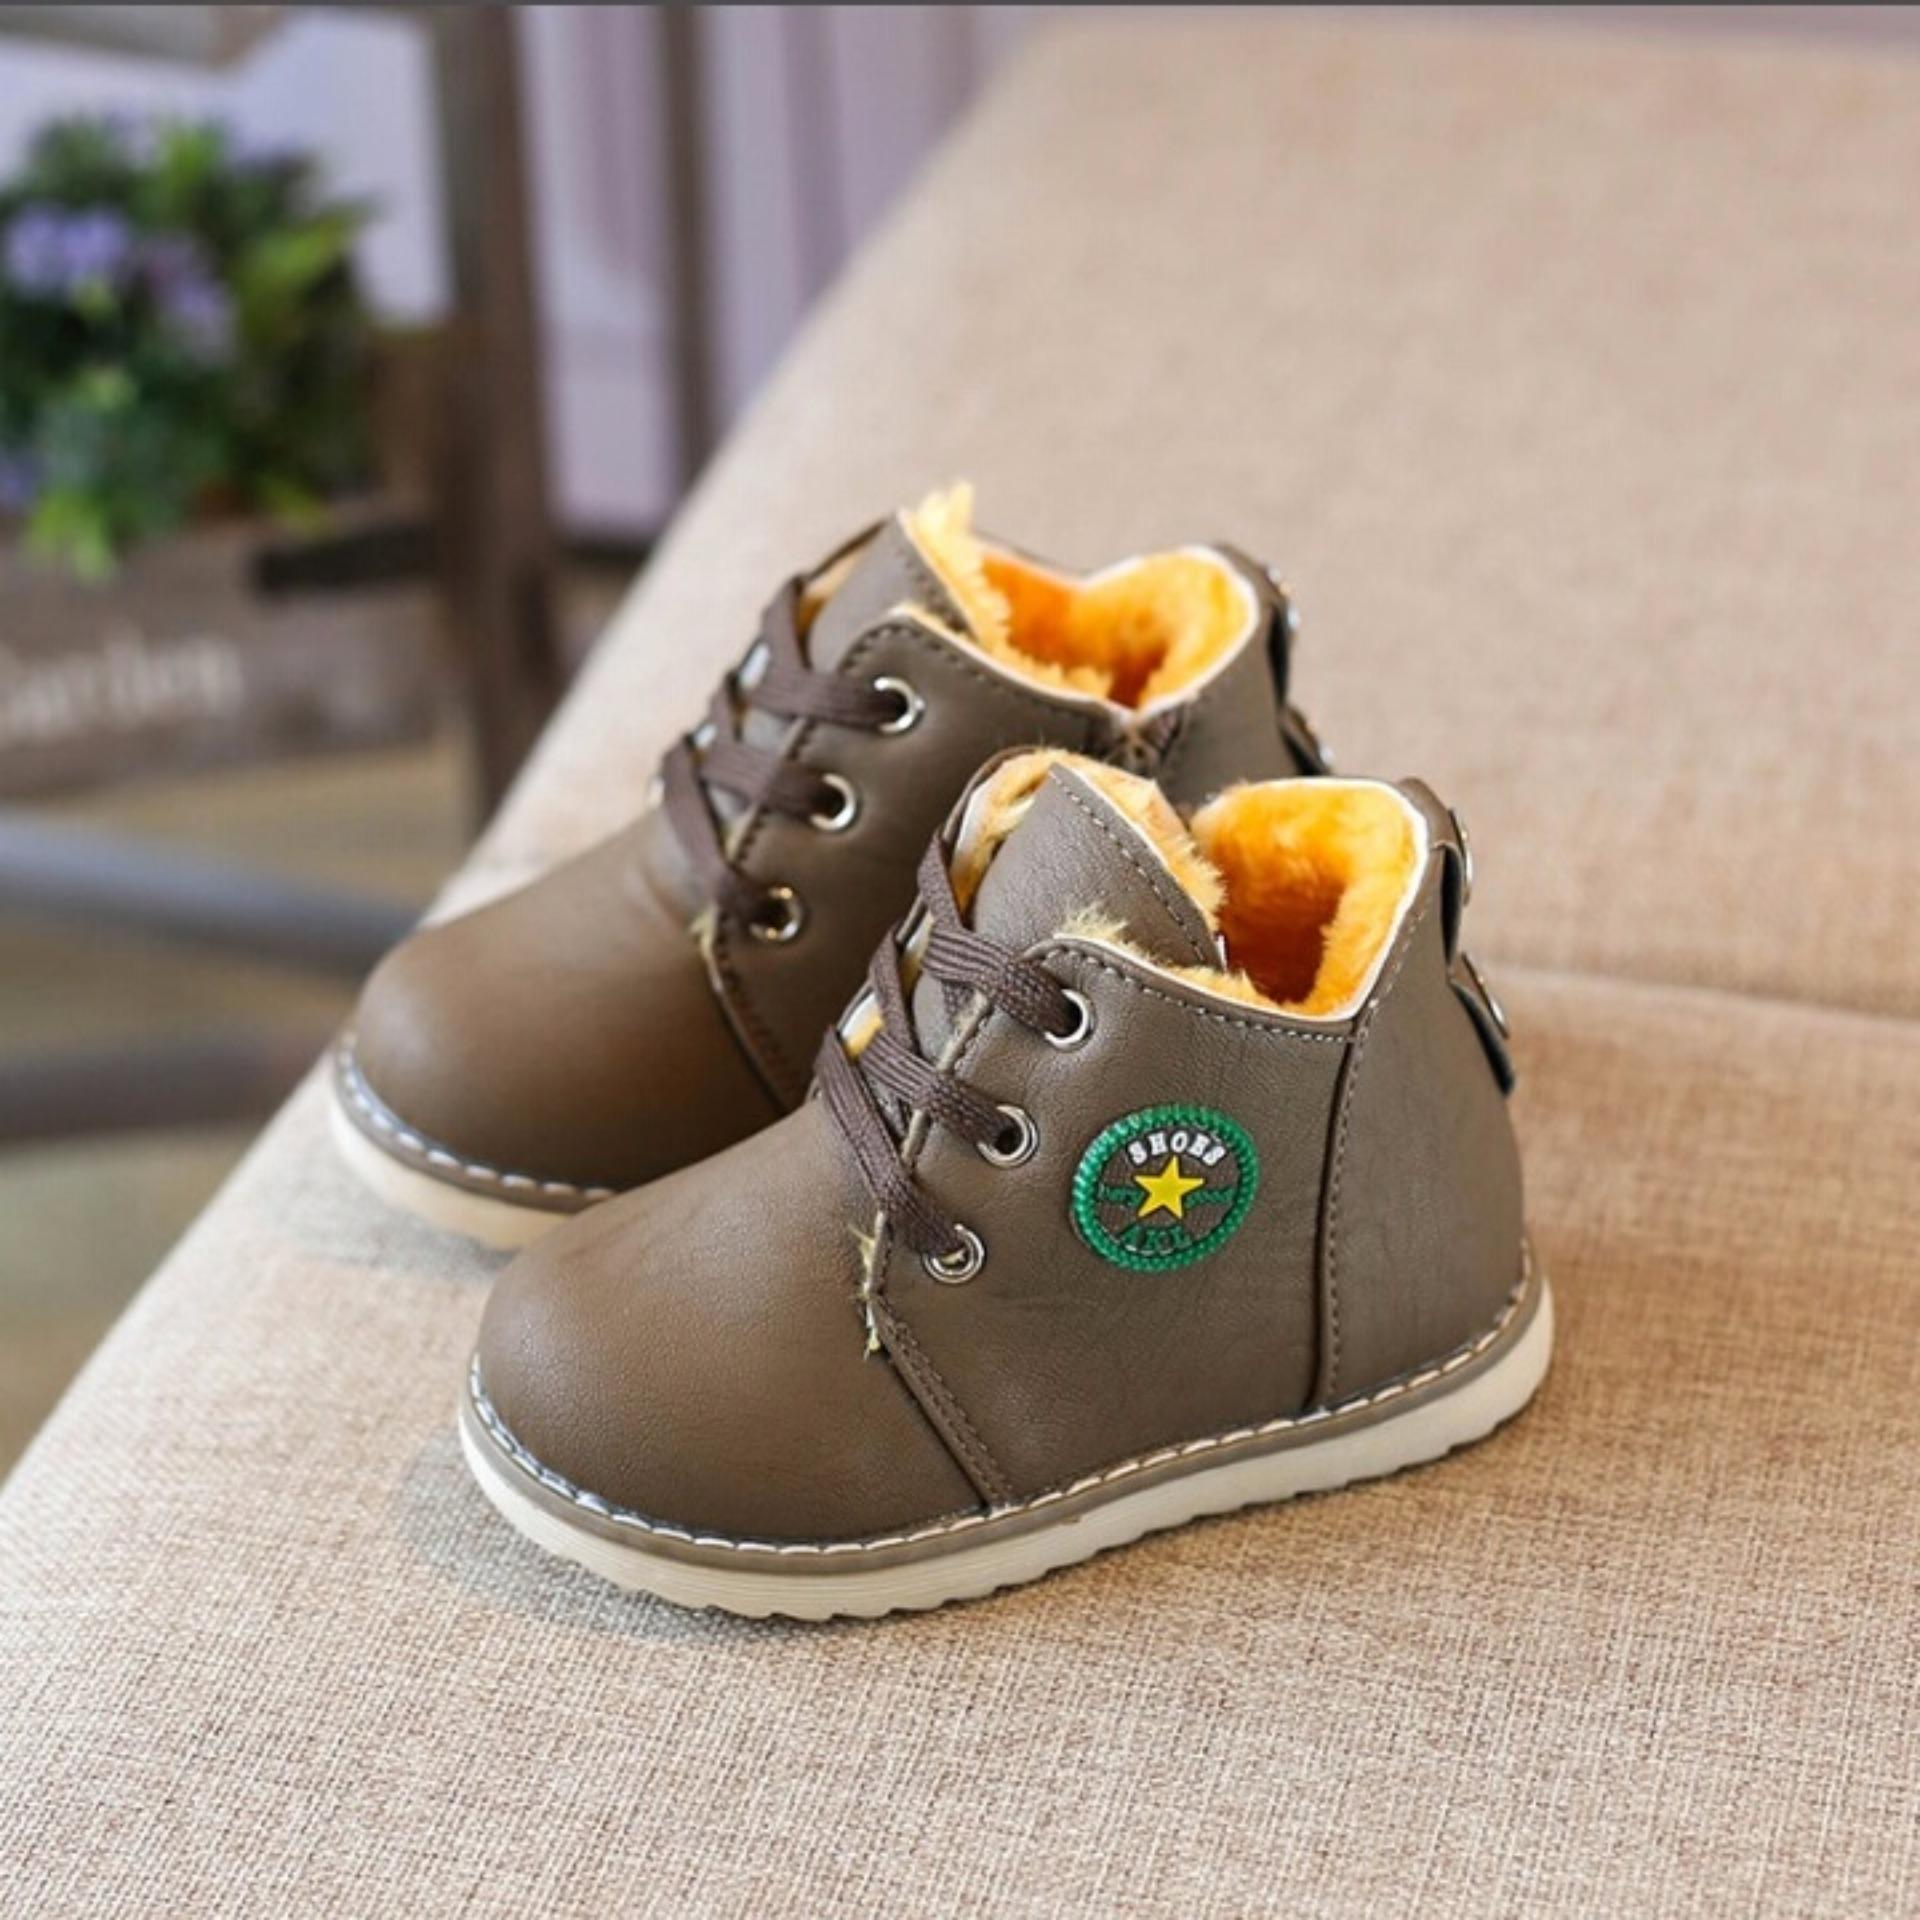 giày bốt buộc dây cho bé